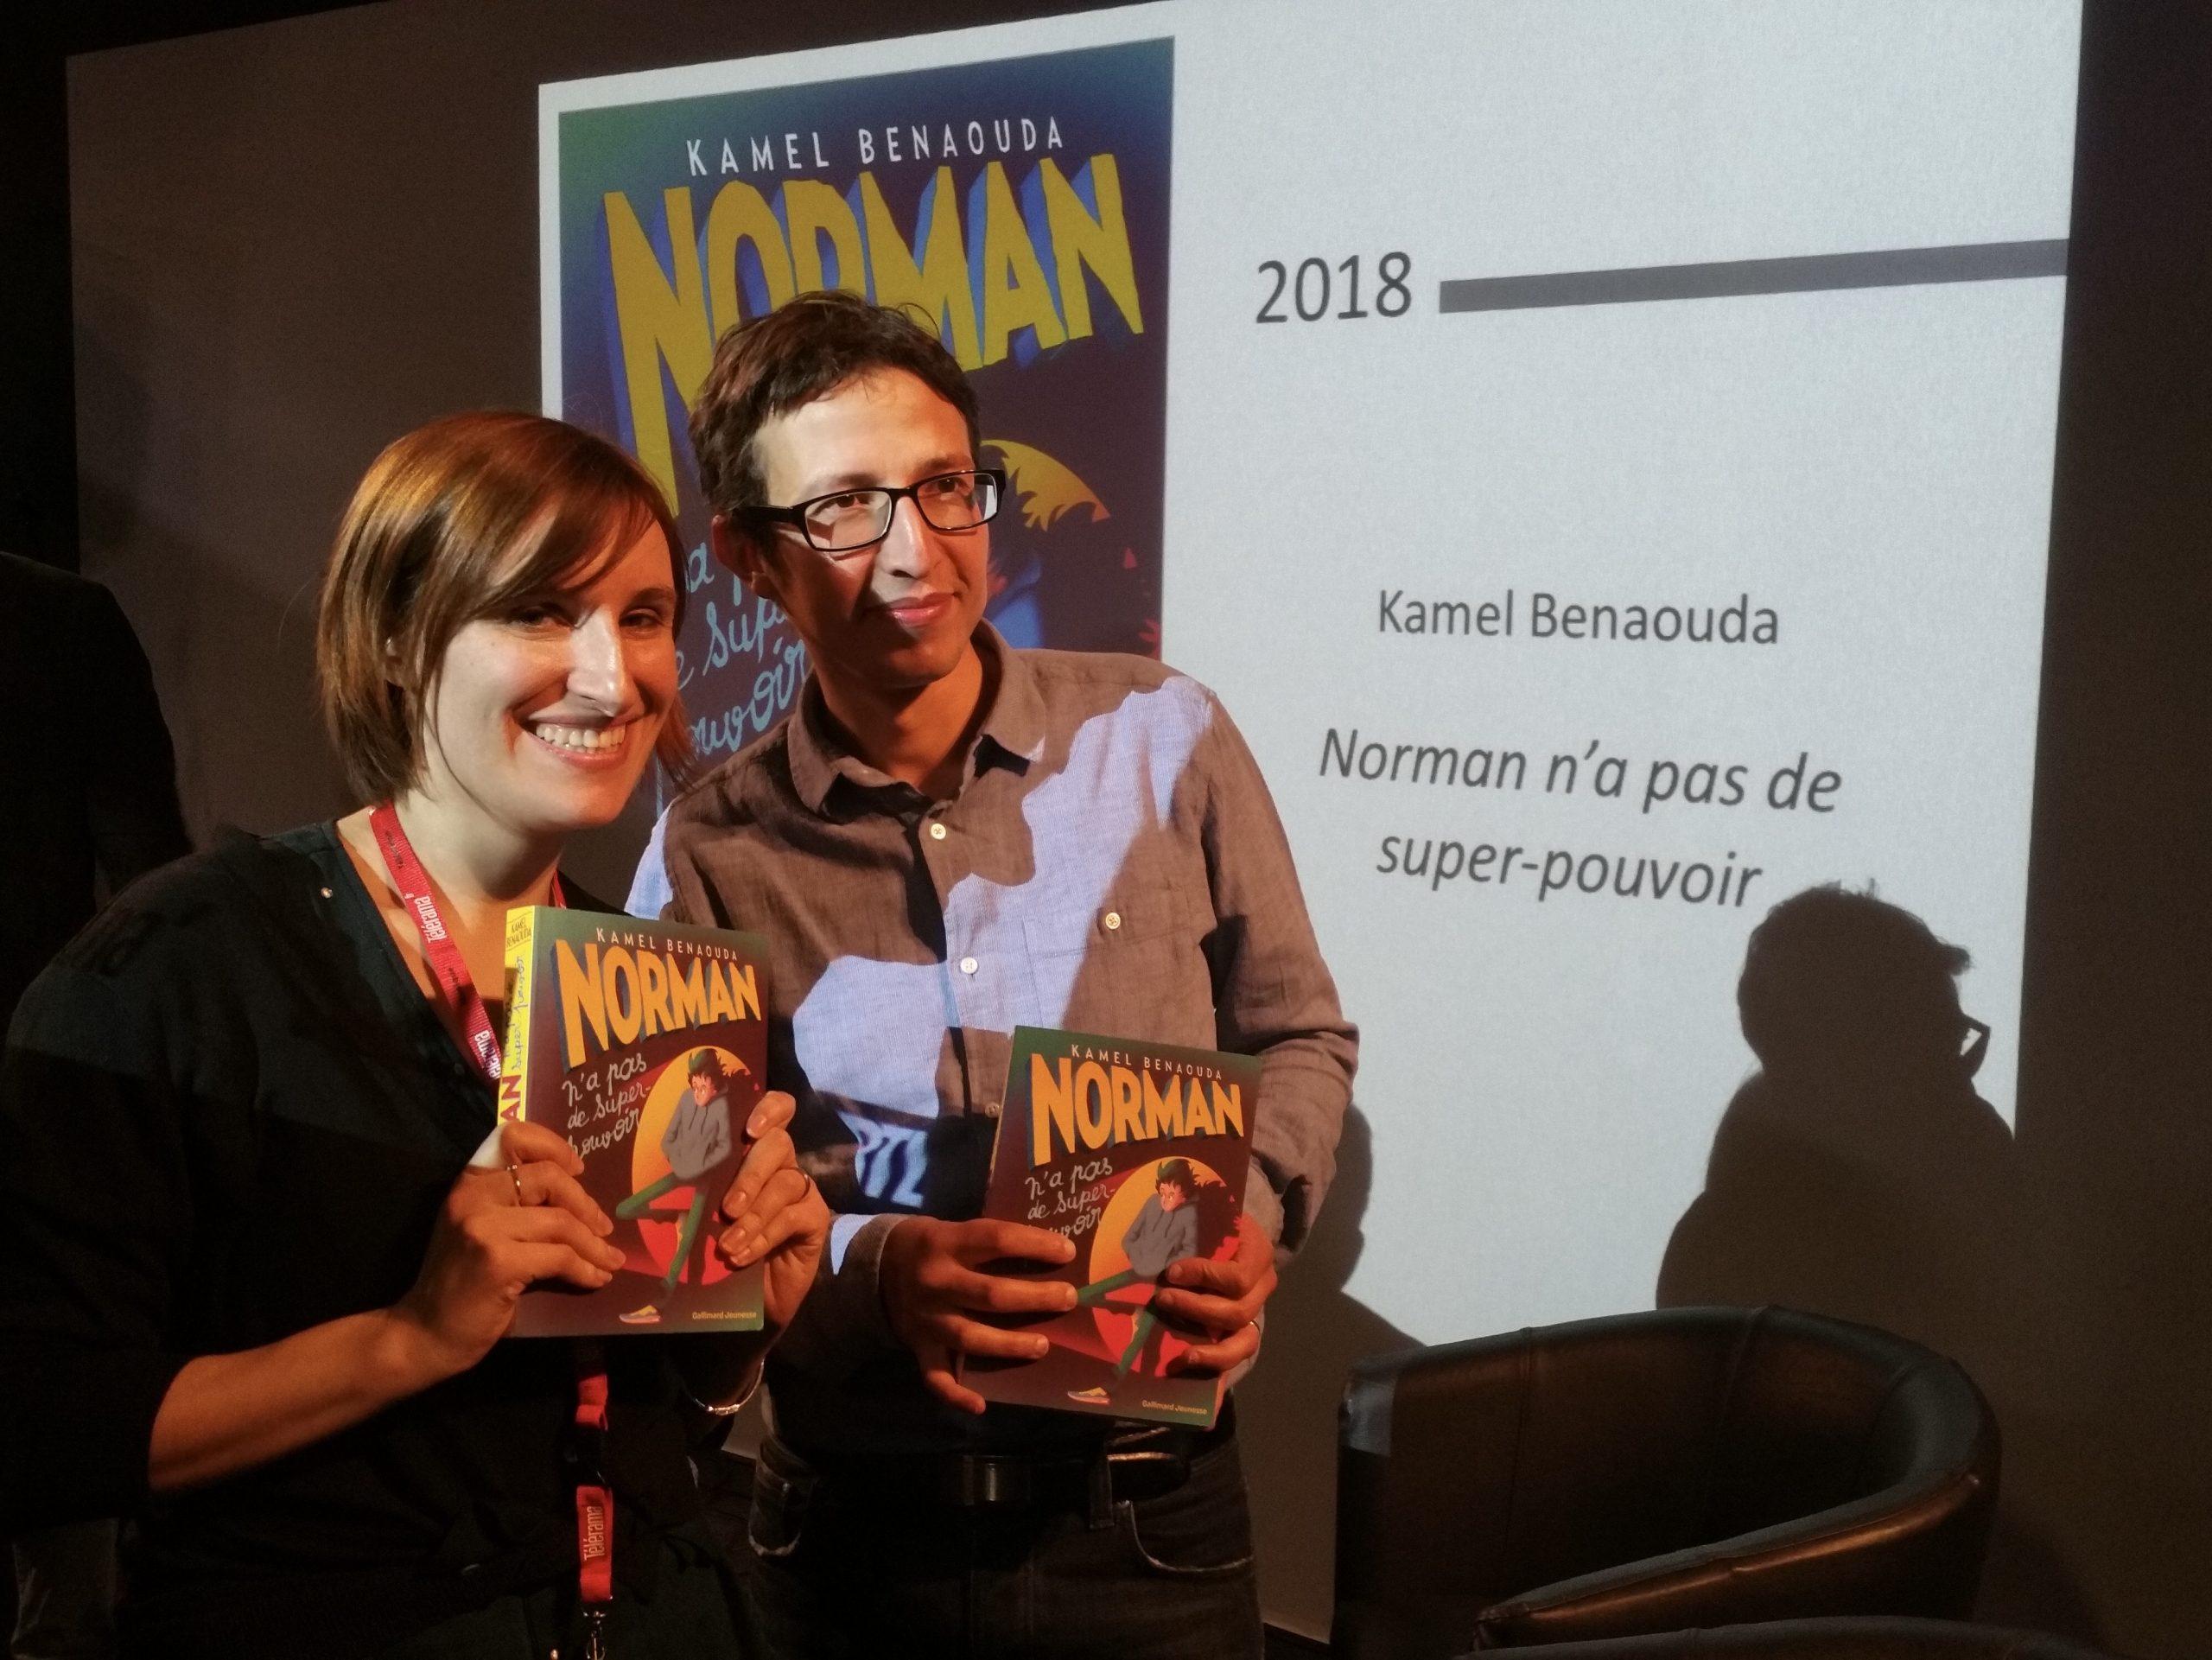 «Основная же трудность всегда одна»: интервью сфранцузским писателем Камелем Бенауда, автором книги «Норман» 2